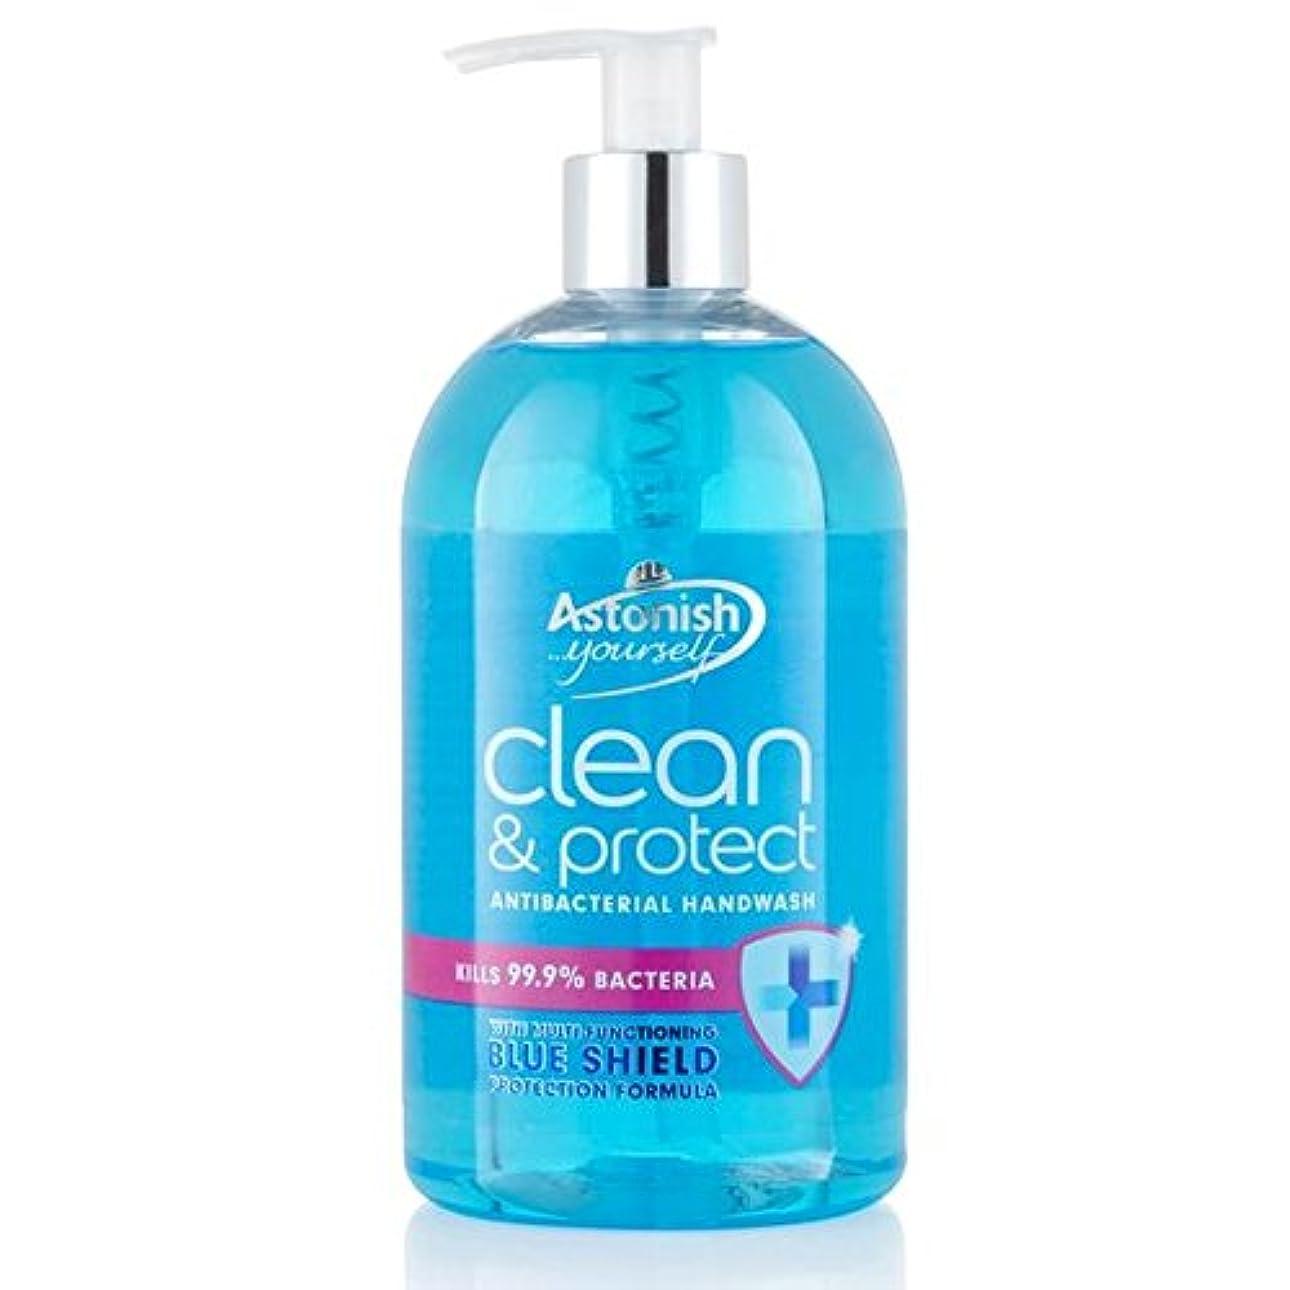 パワー乱闘保証金クリーン驚か&ハンドウォッシュ500ミリリットルを保護 x2 - Astonish Clean & Protect Hand Wash 500ml (Pack of 2) [並行輸入品]